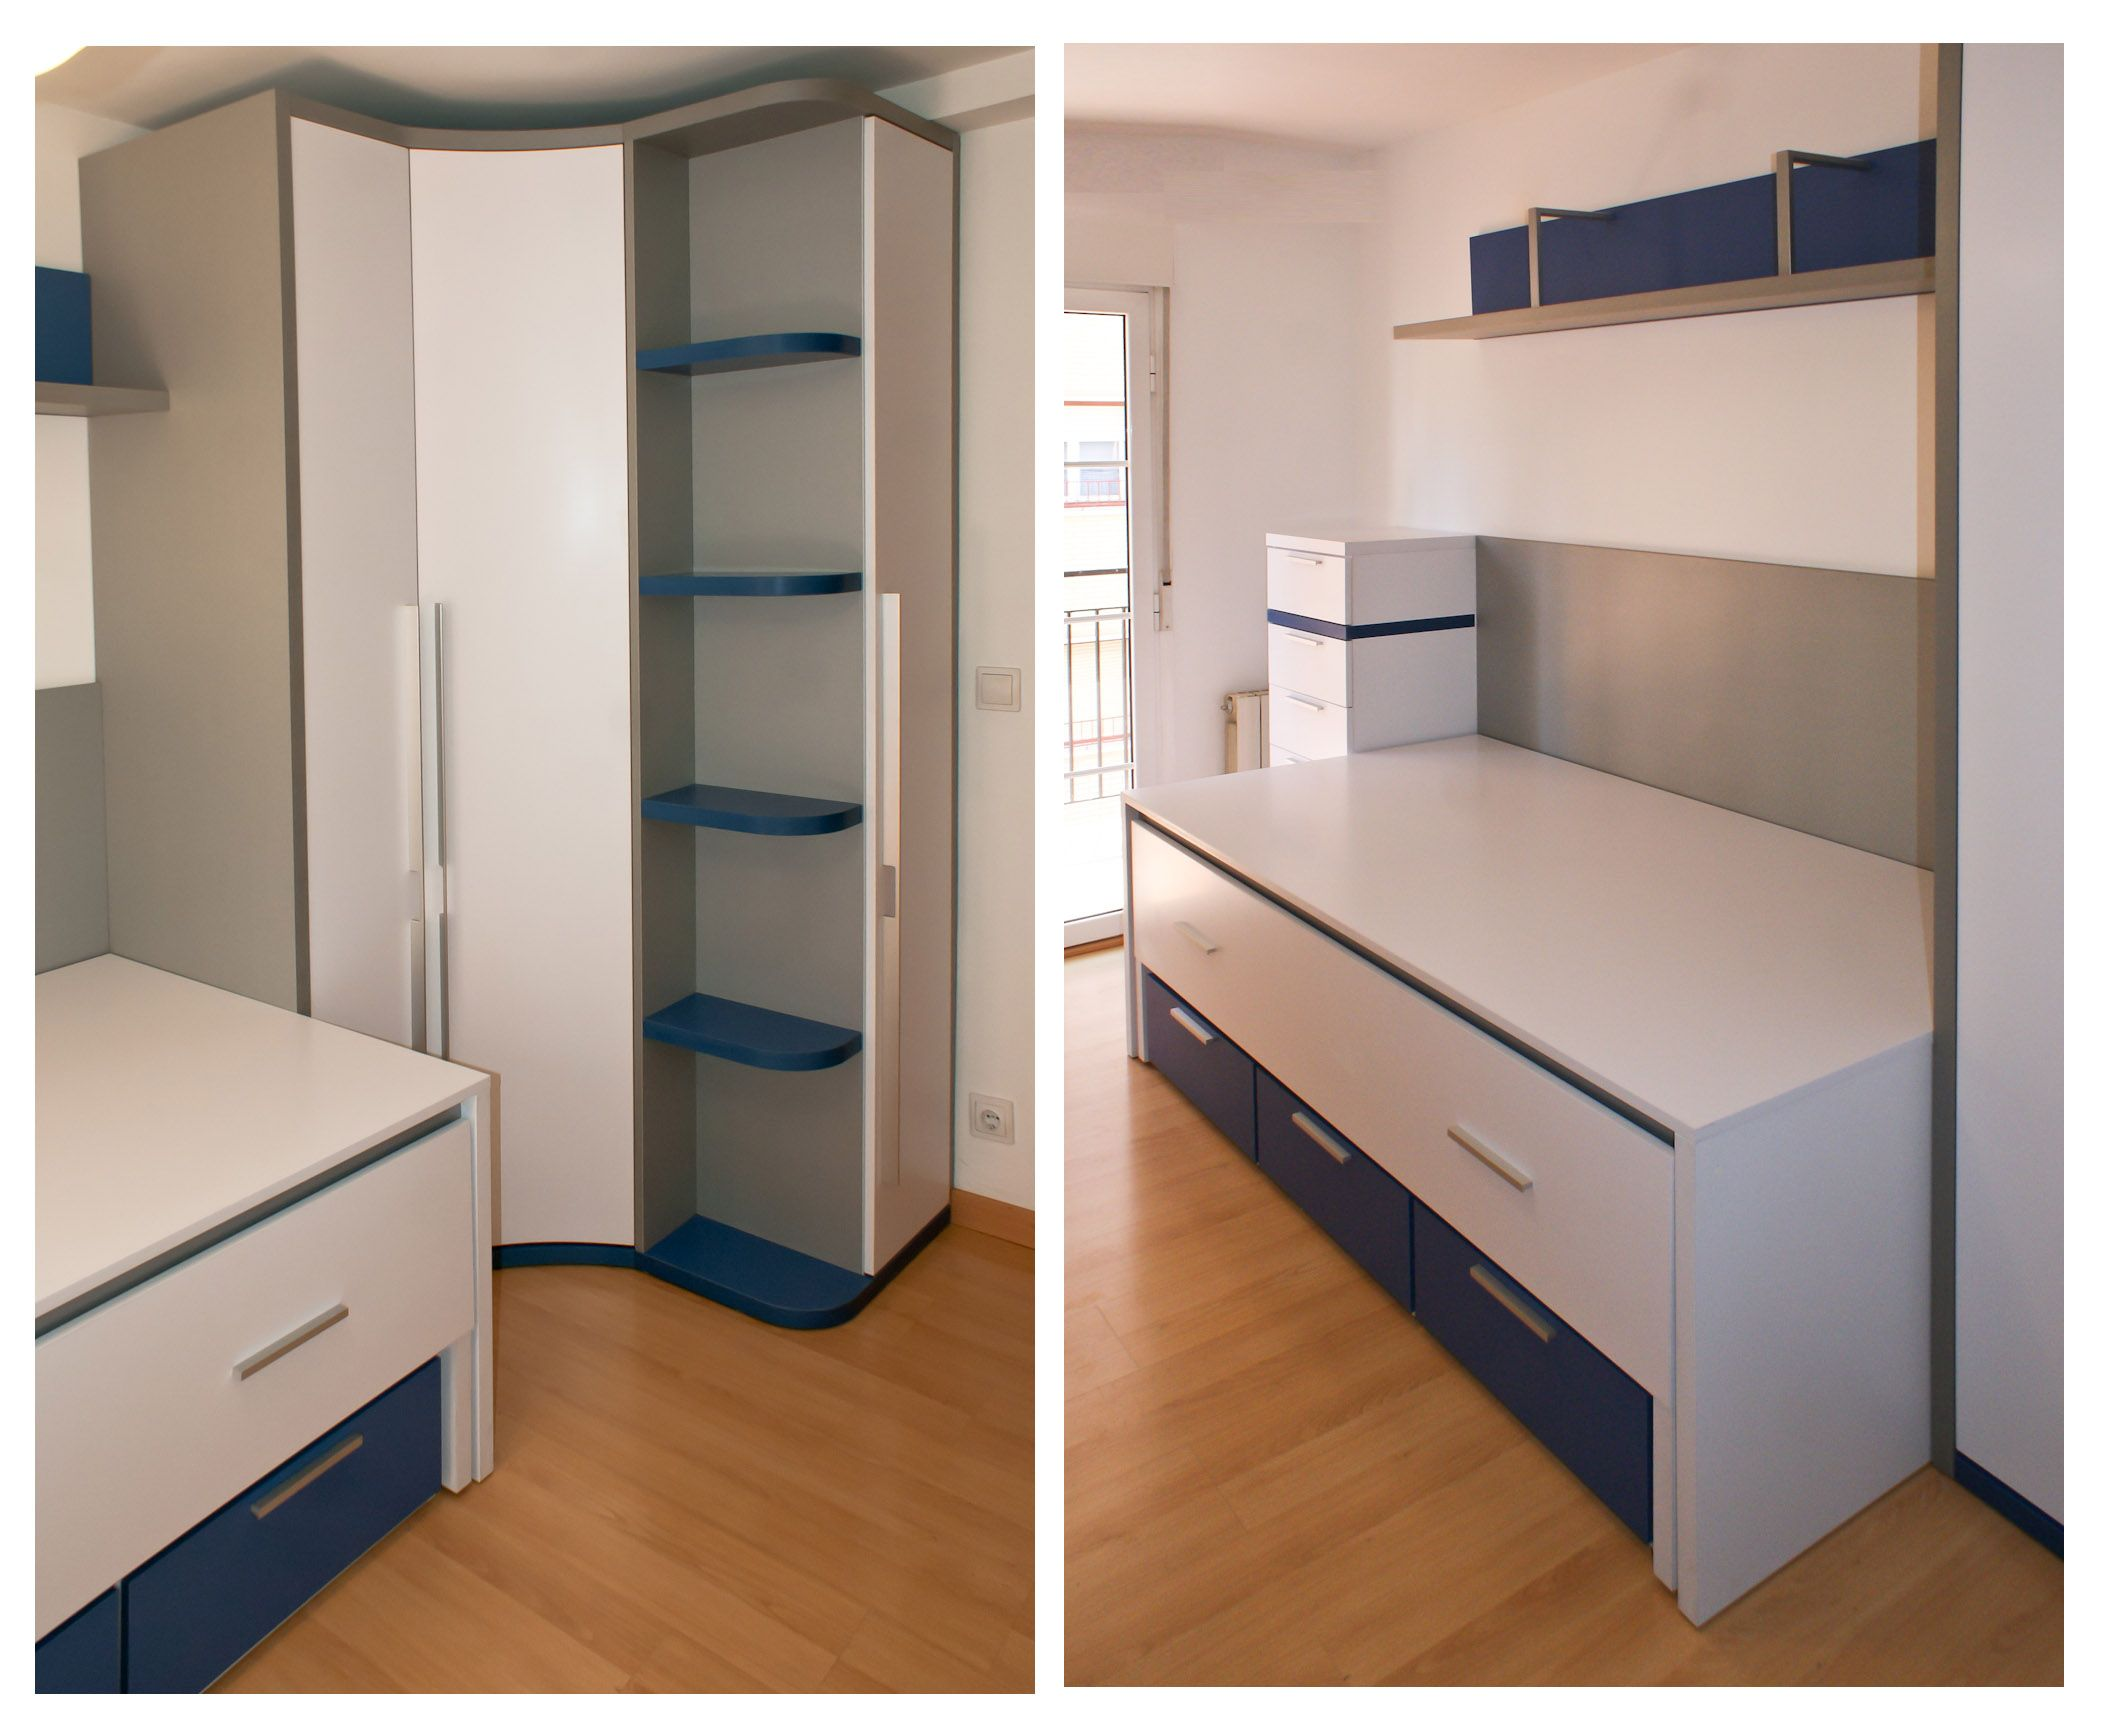 Novedades en soluciones mueble juvenil dormitorio juvenil for Armarios para dormitorios juveniles